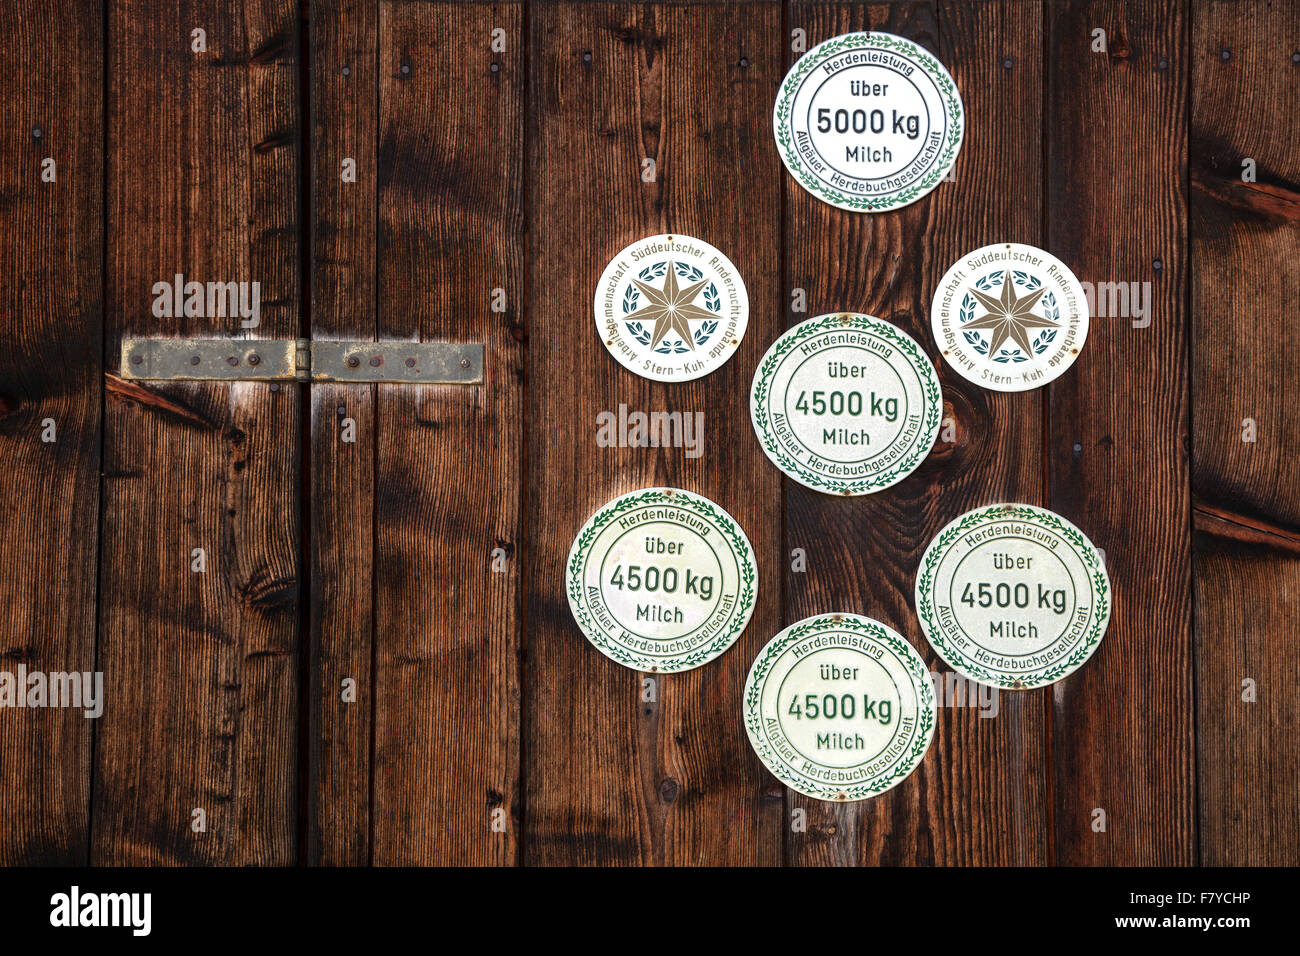 Plaketten für die Milchleistung der Kühe auf einer Scheune in Bruck, Allgäu, Bayern, Deutschland Stockbild